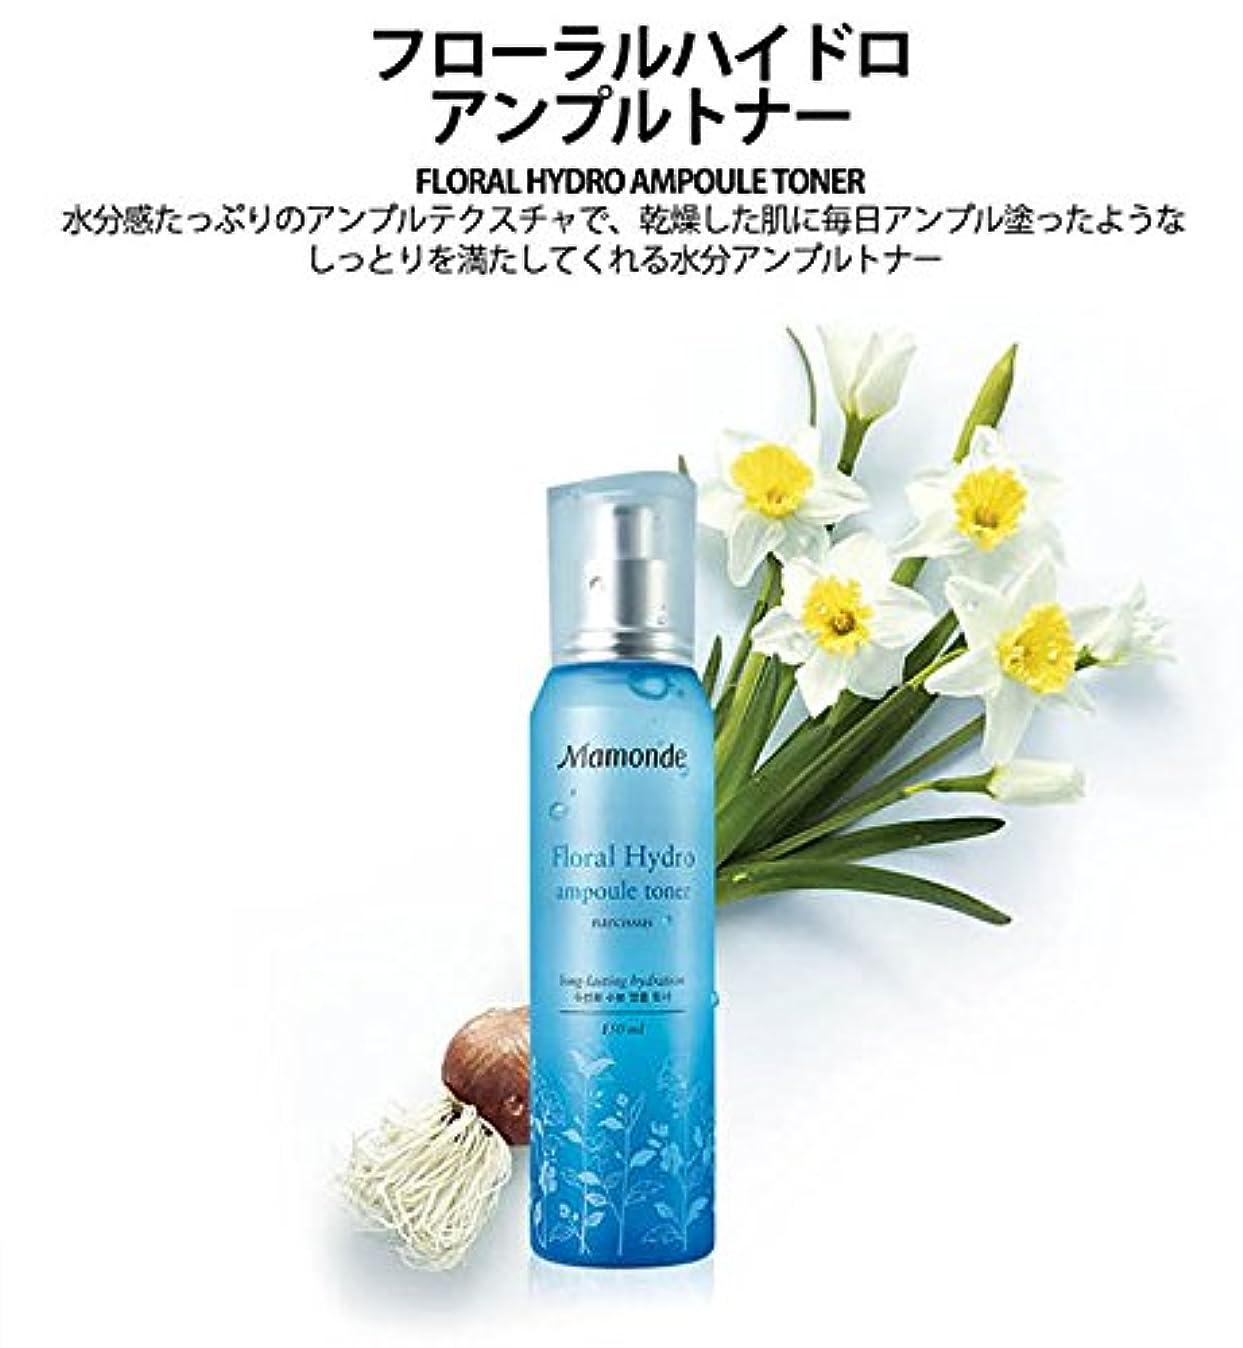 極めて注入聖書MAMONDE/マモンド]Floral Hydro Ampoule Toner/フローラルハイドロアンプルトナー